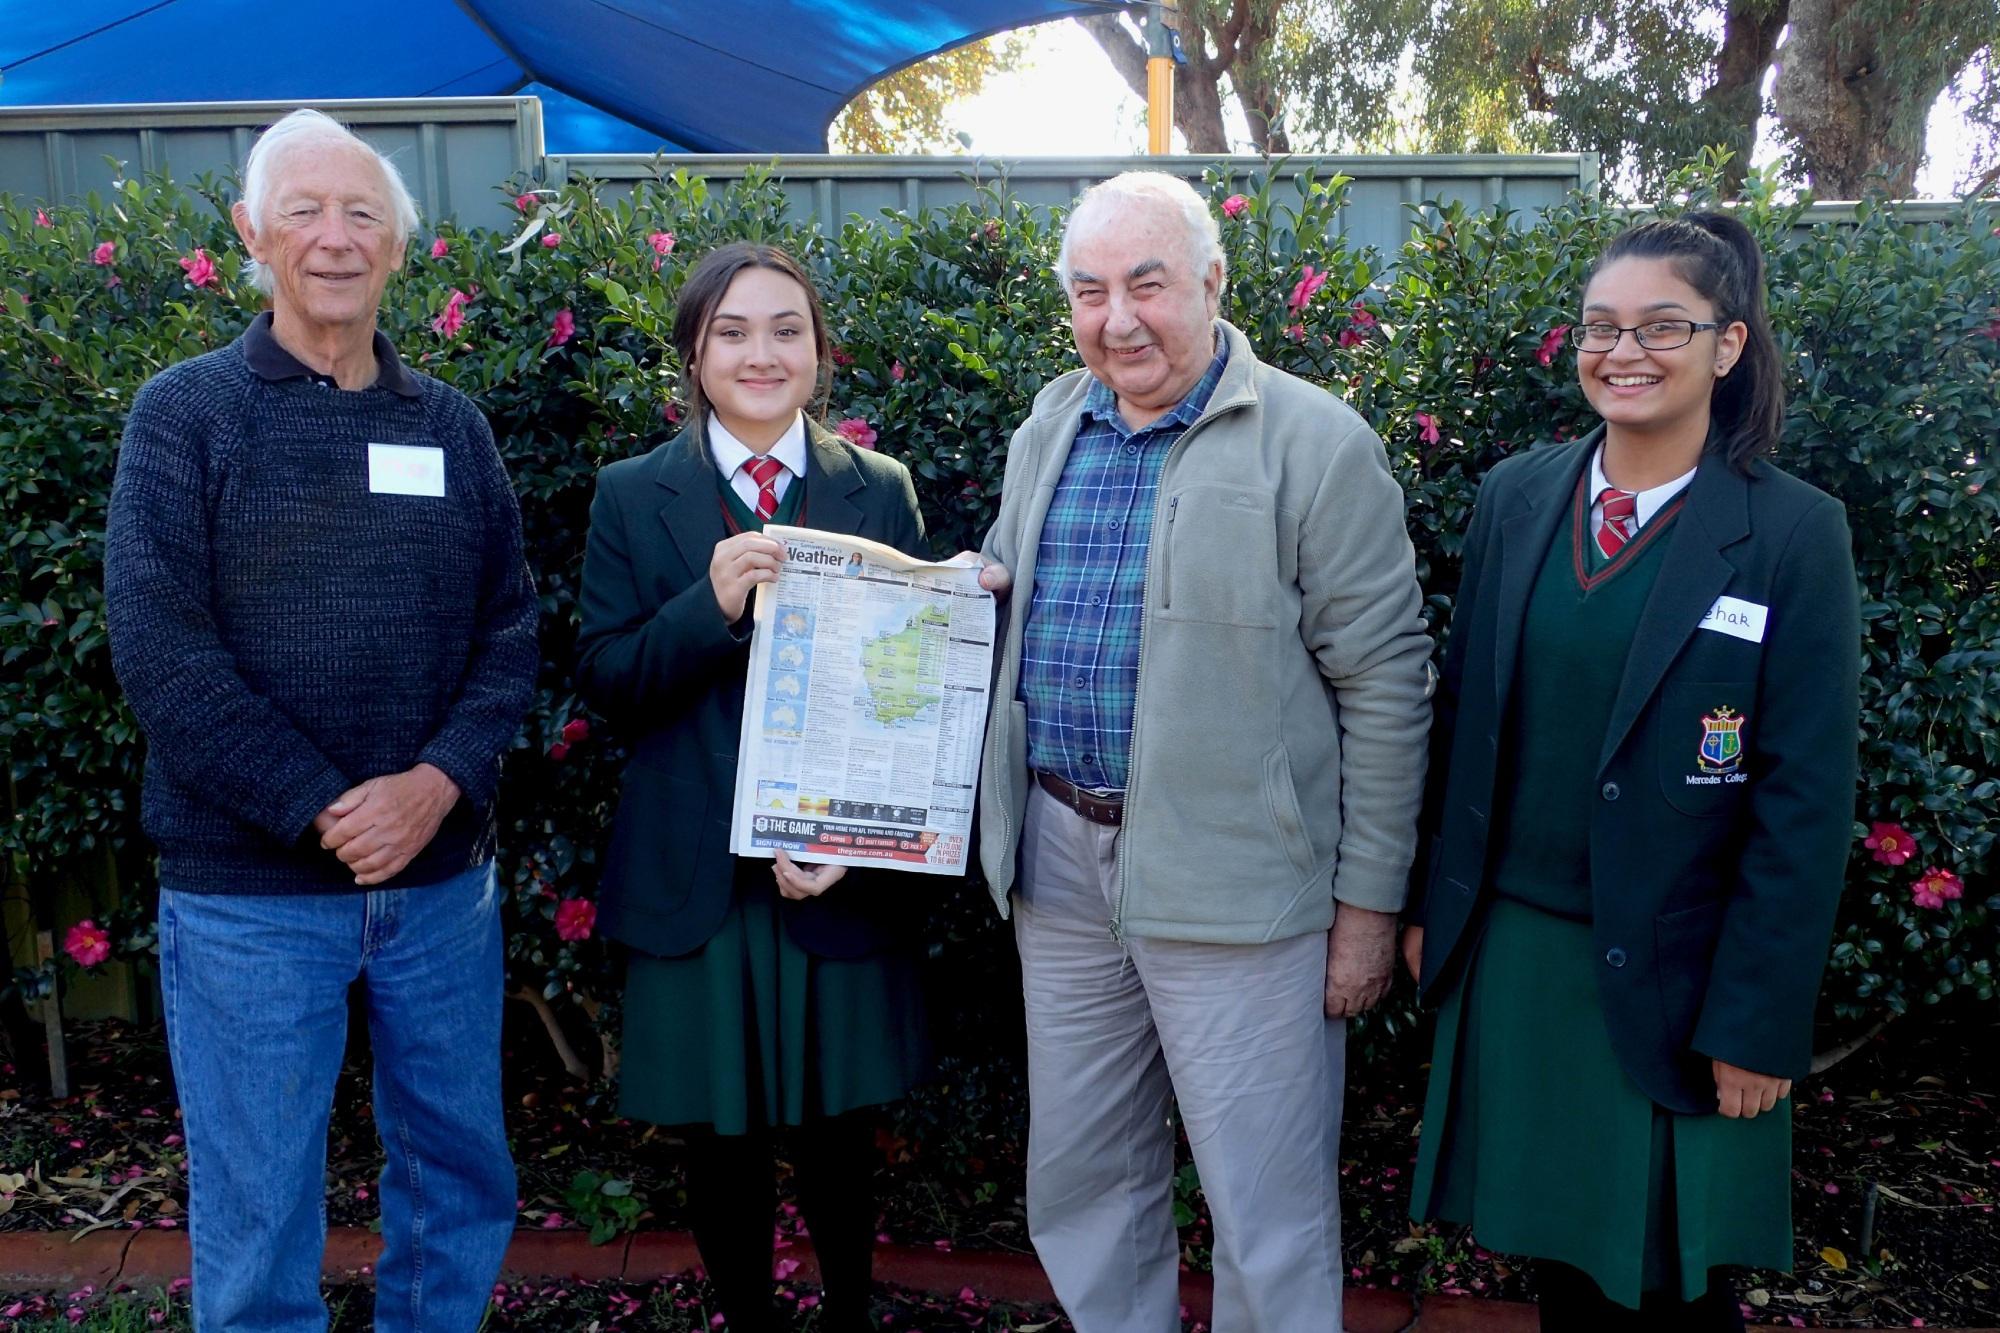 Ted Edwards, Natasha Webb, Kevin Bean and Mehak Satnan.